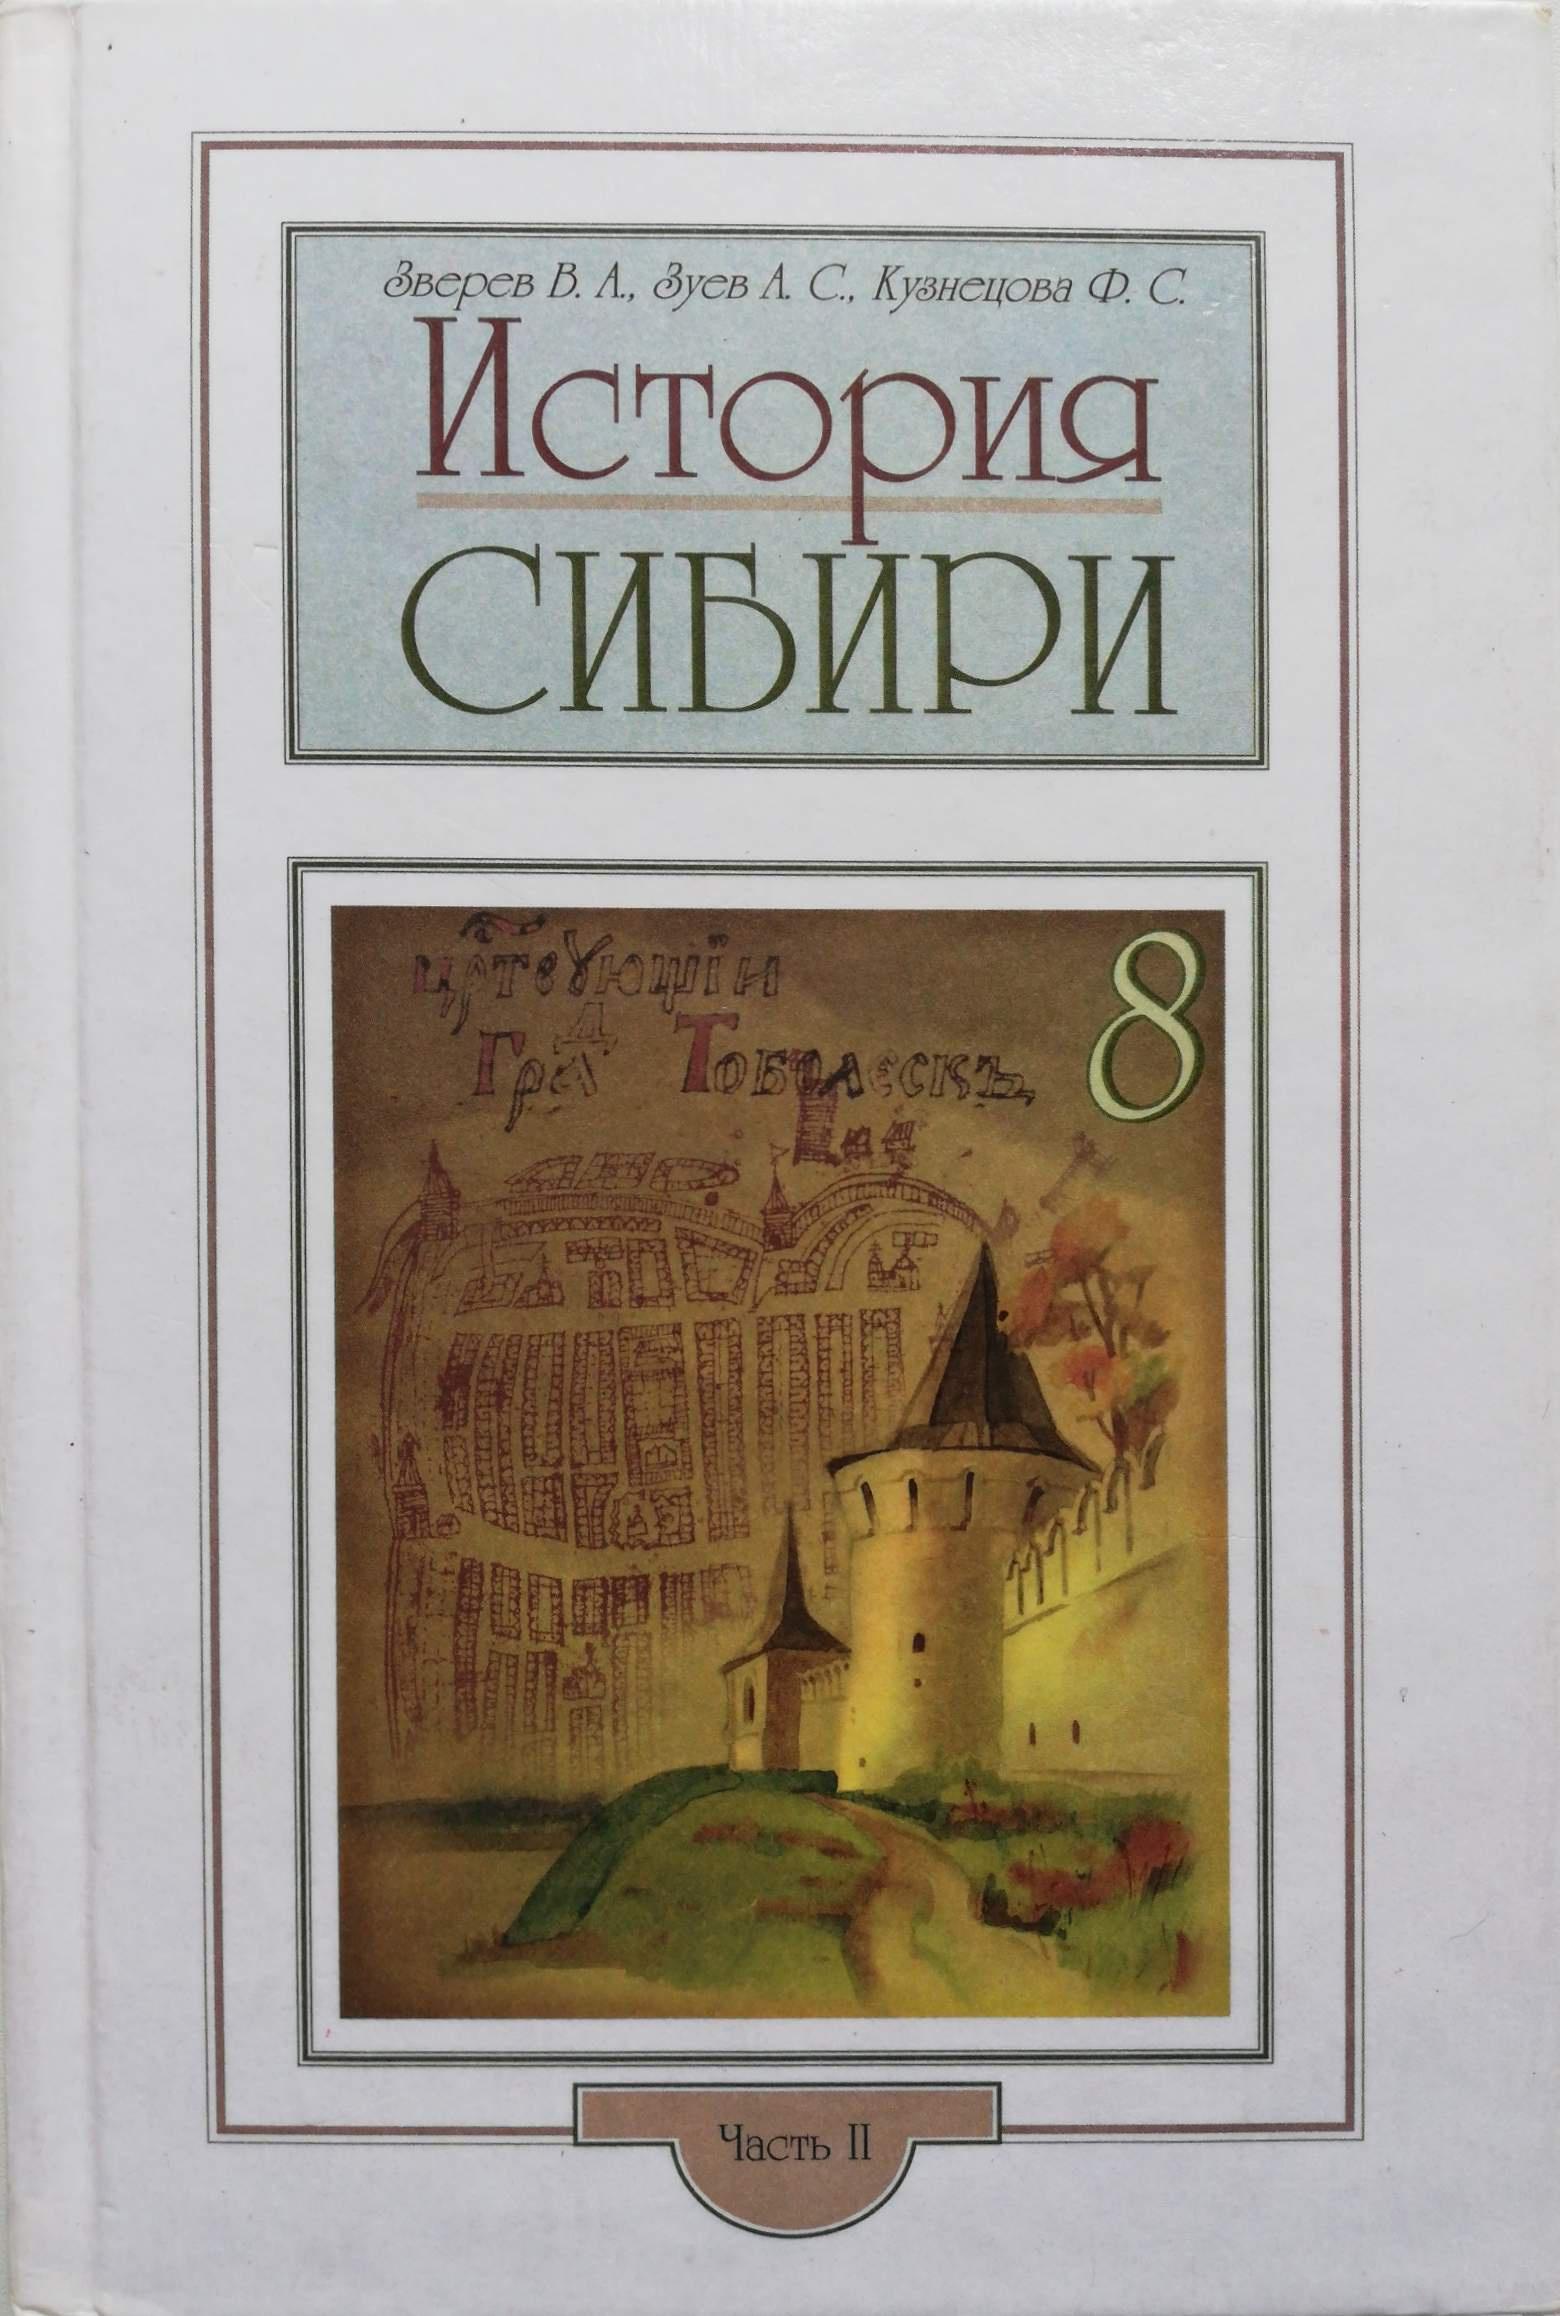 Зверев В, Зуев А., Кузнецова История Сибири.Учебное пособие для 8 класса